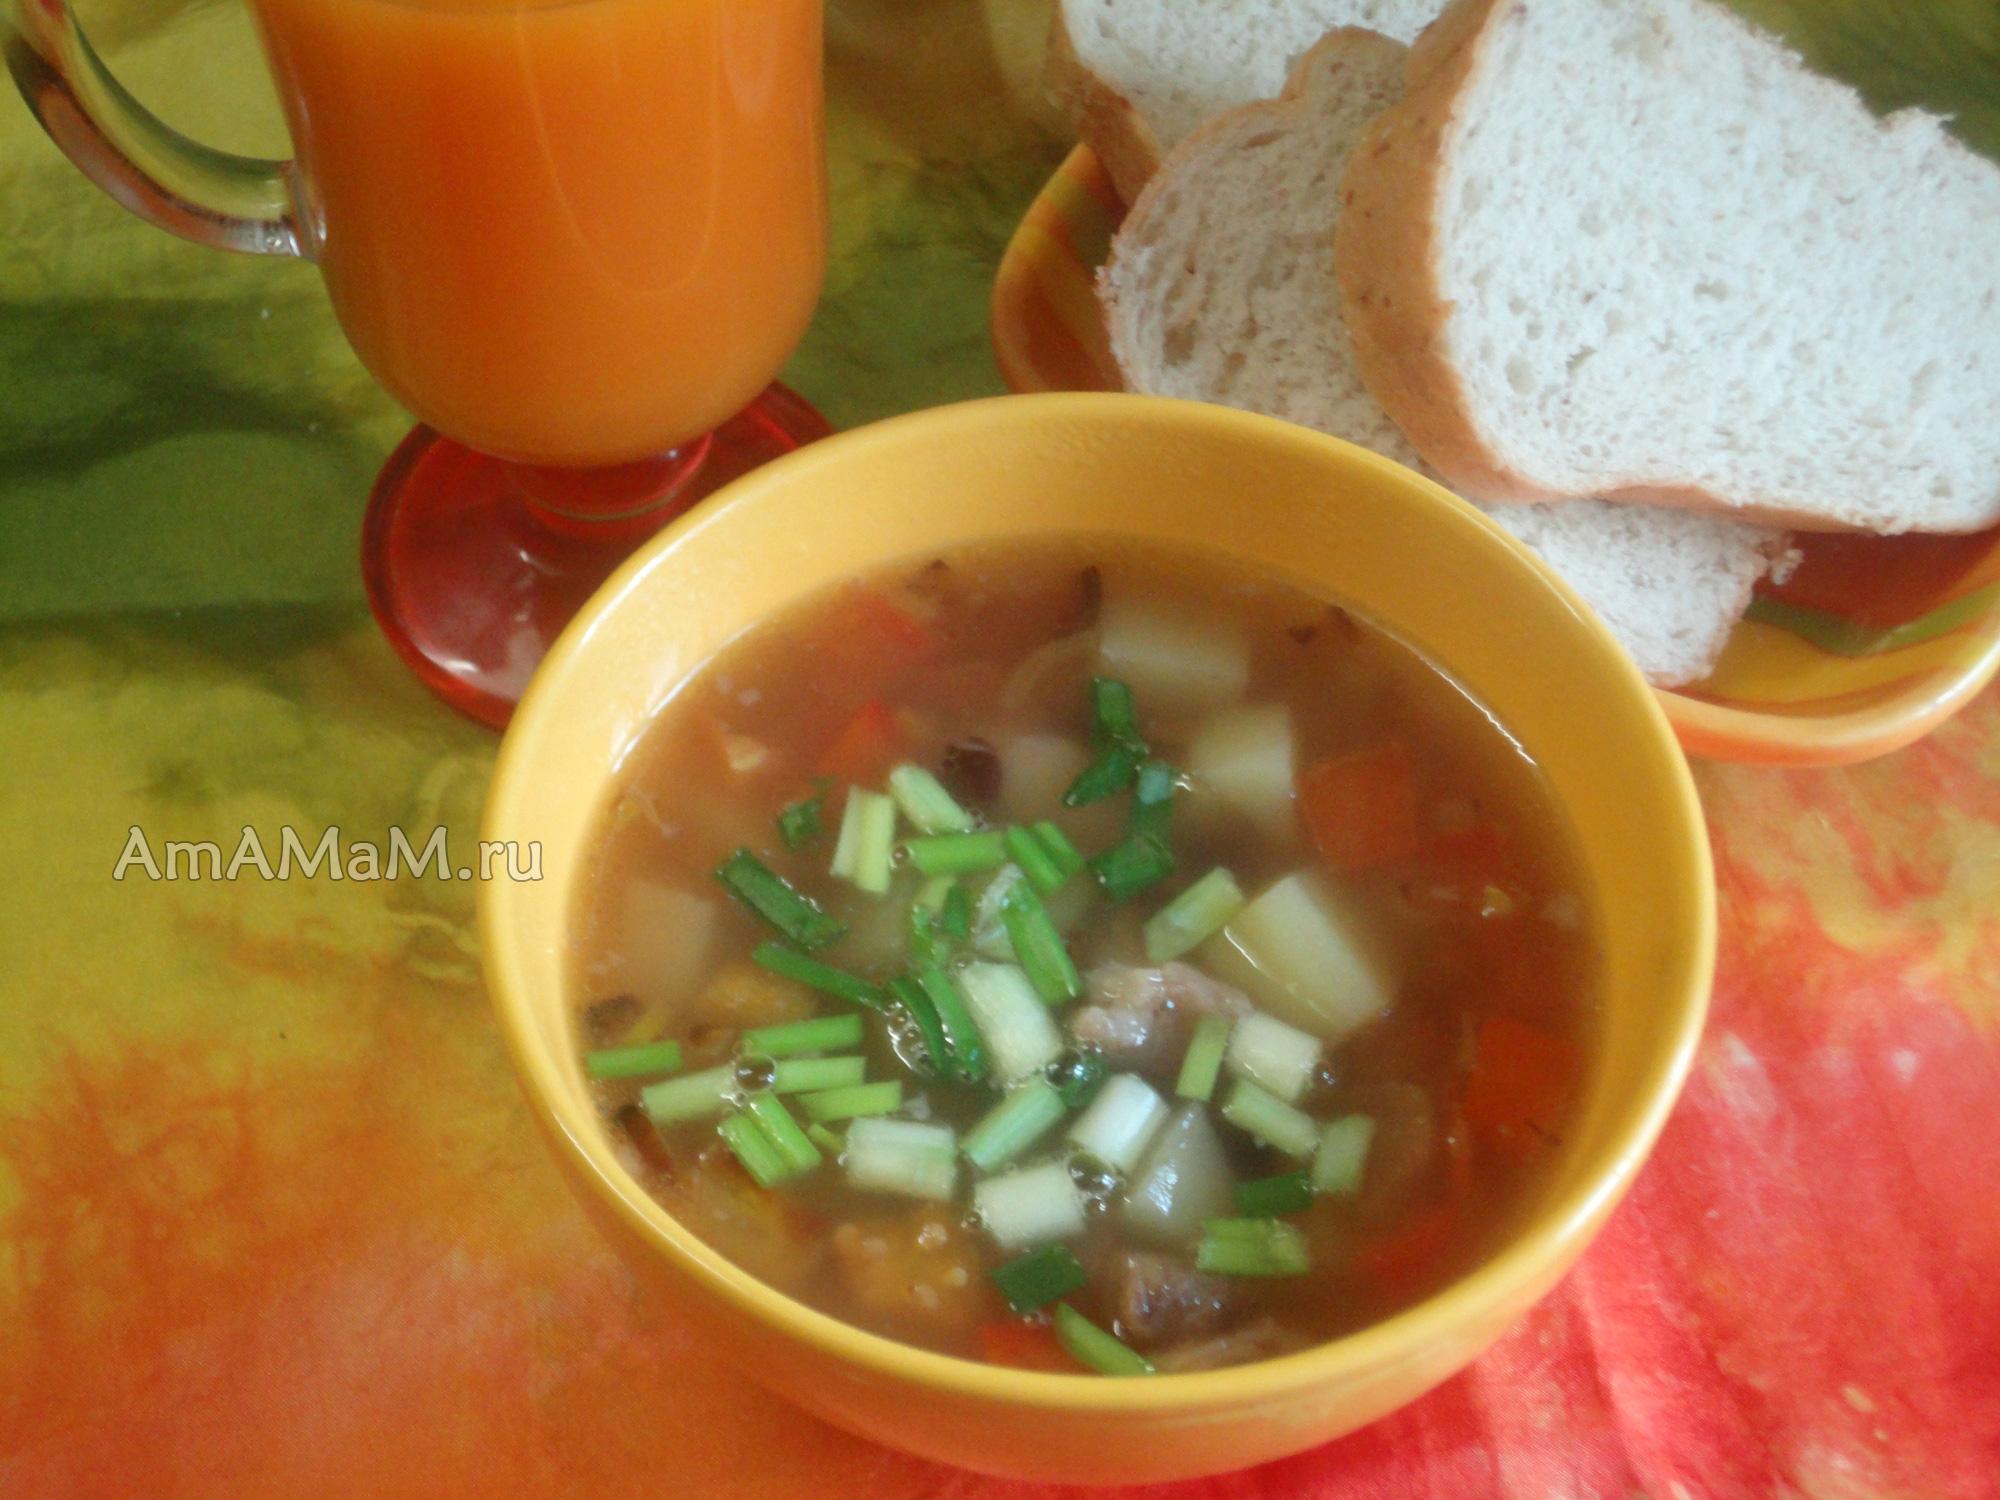 фасолевый суп из фасоли рецепт